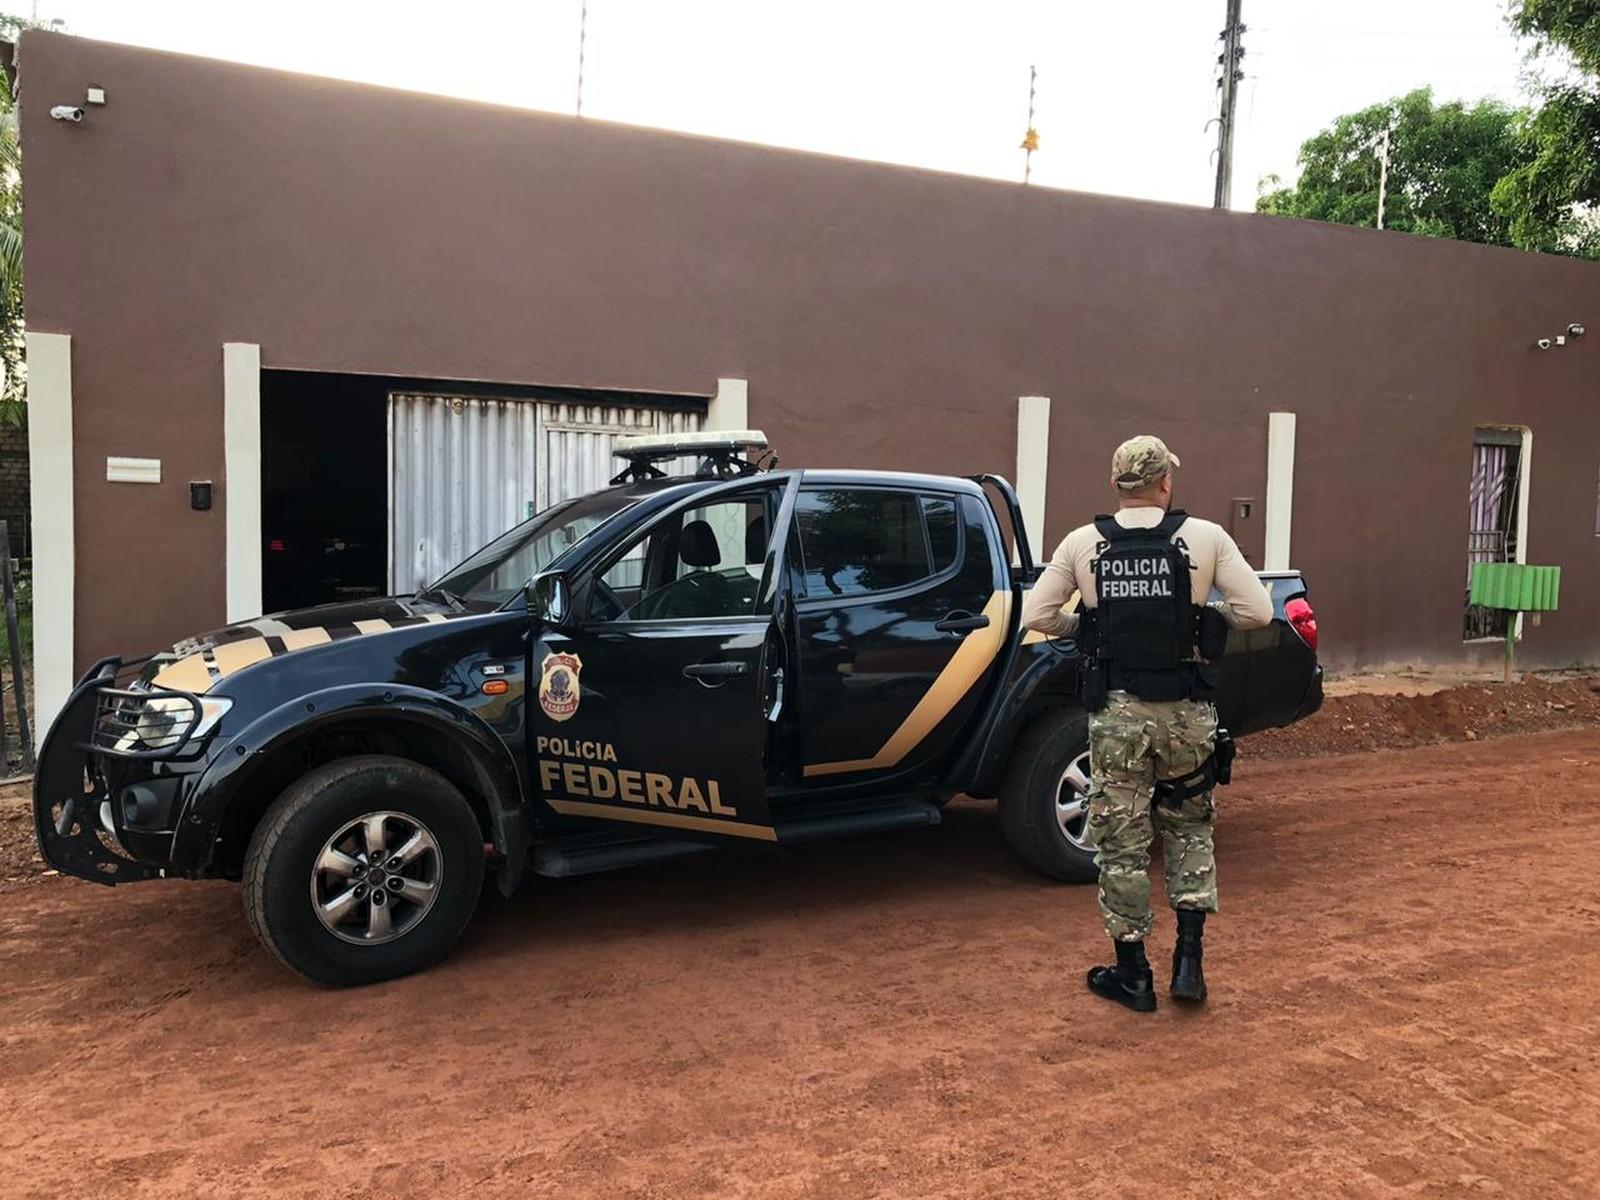 Polícia Federal cumpre mandados de prisão e busca em operação contra tráfico interestadual de cocaína